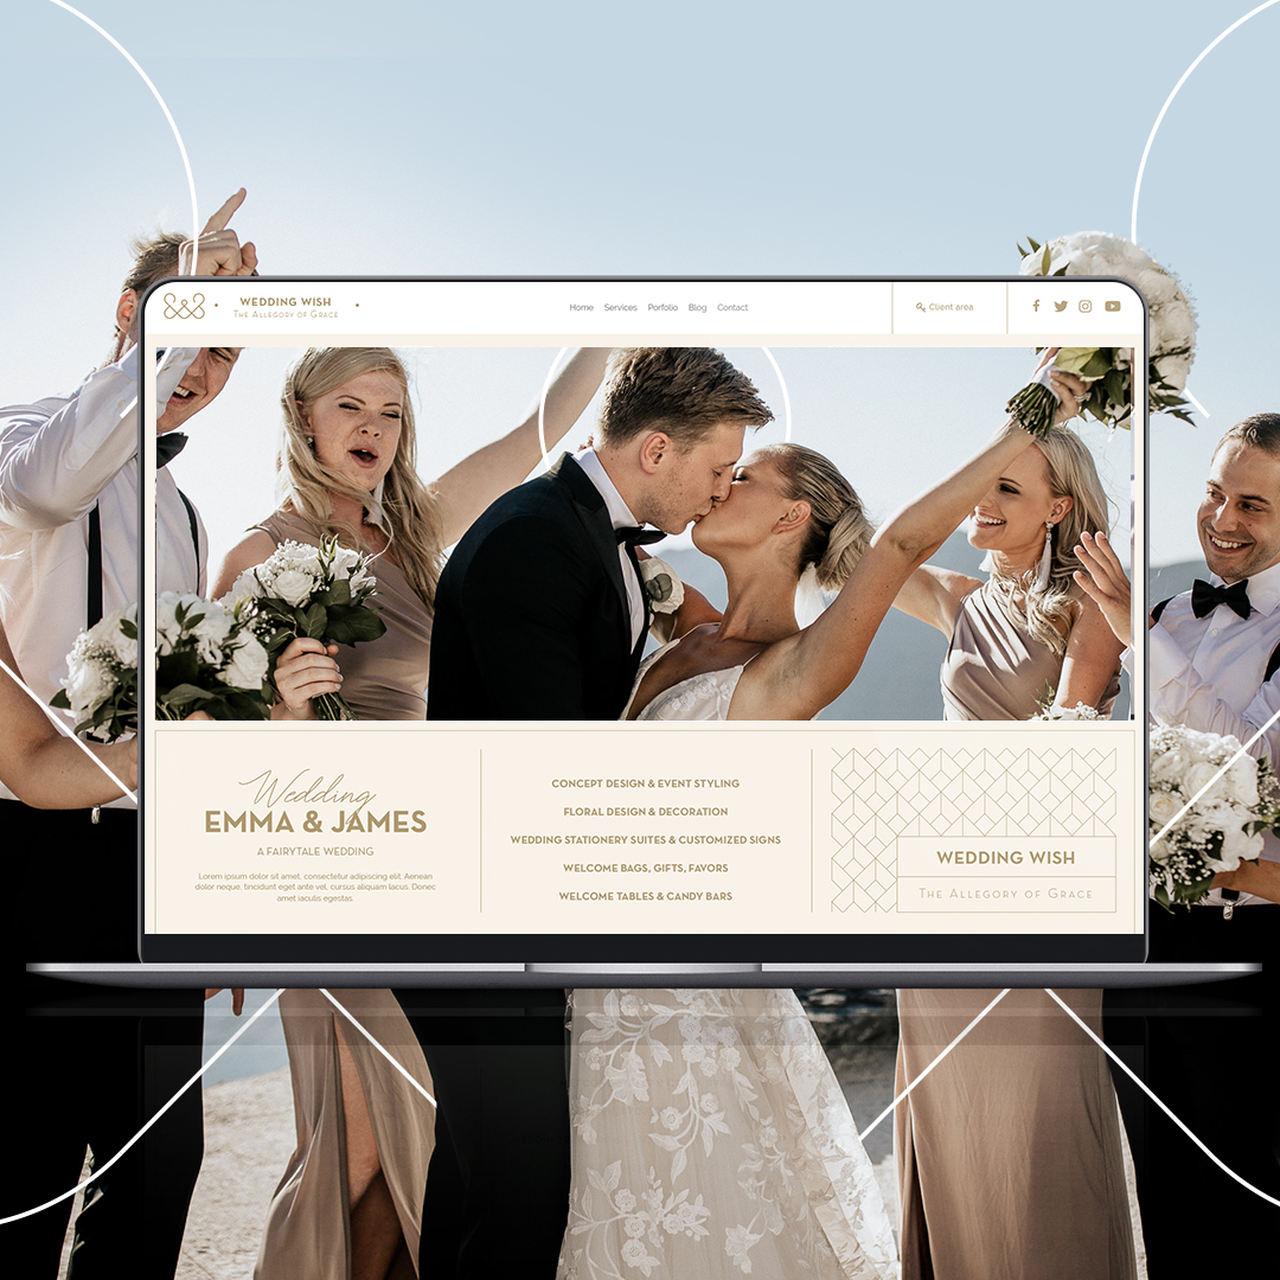 Web Design για την Εταιρεία Wedding Wish